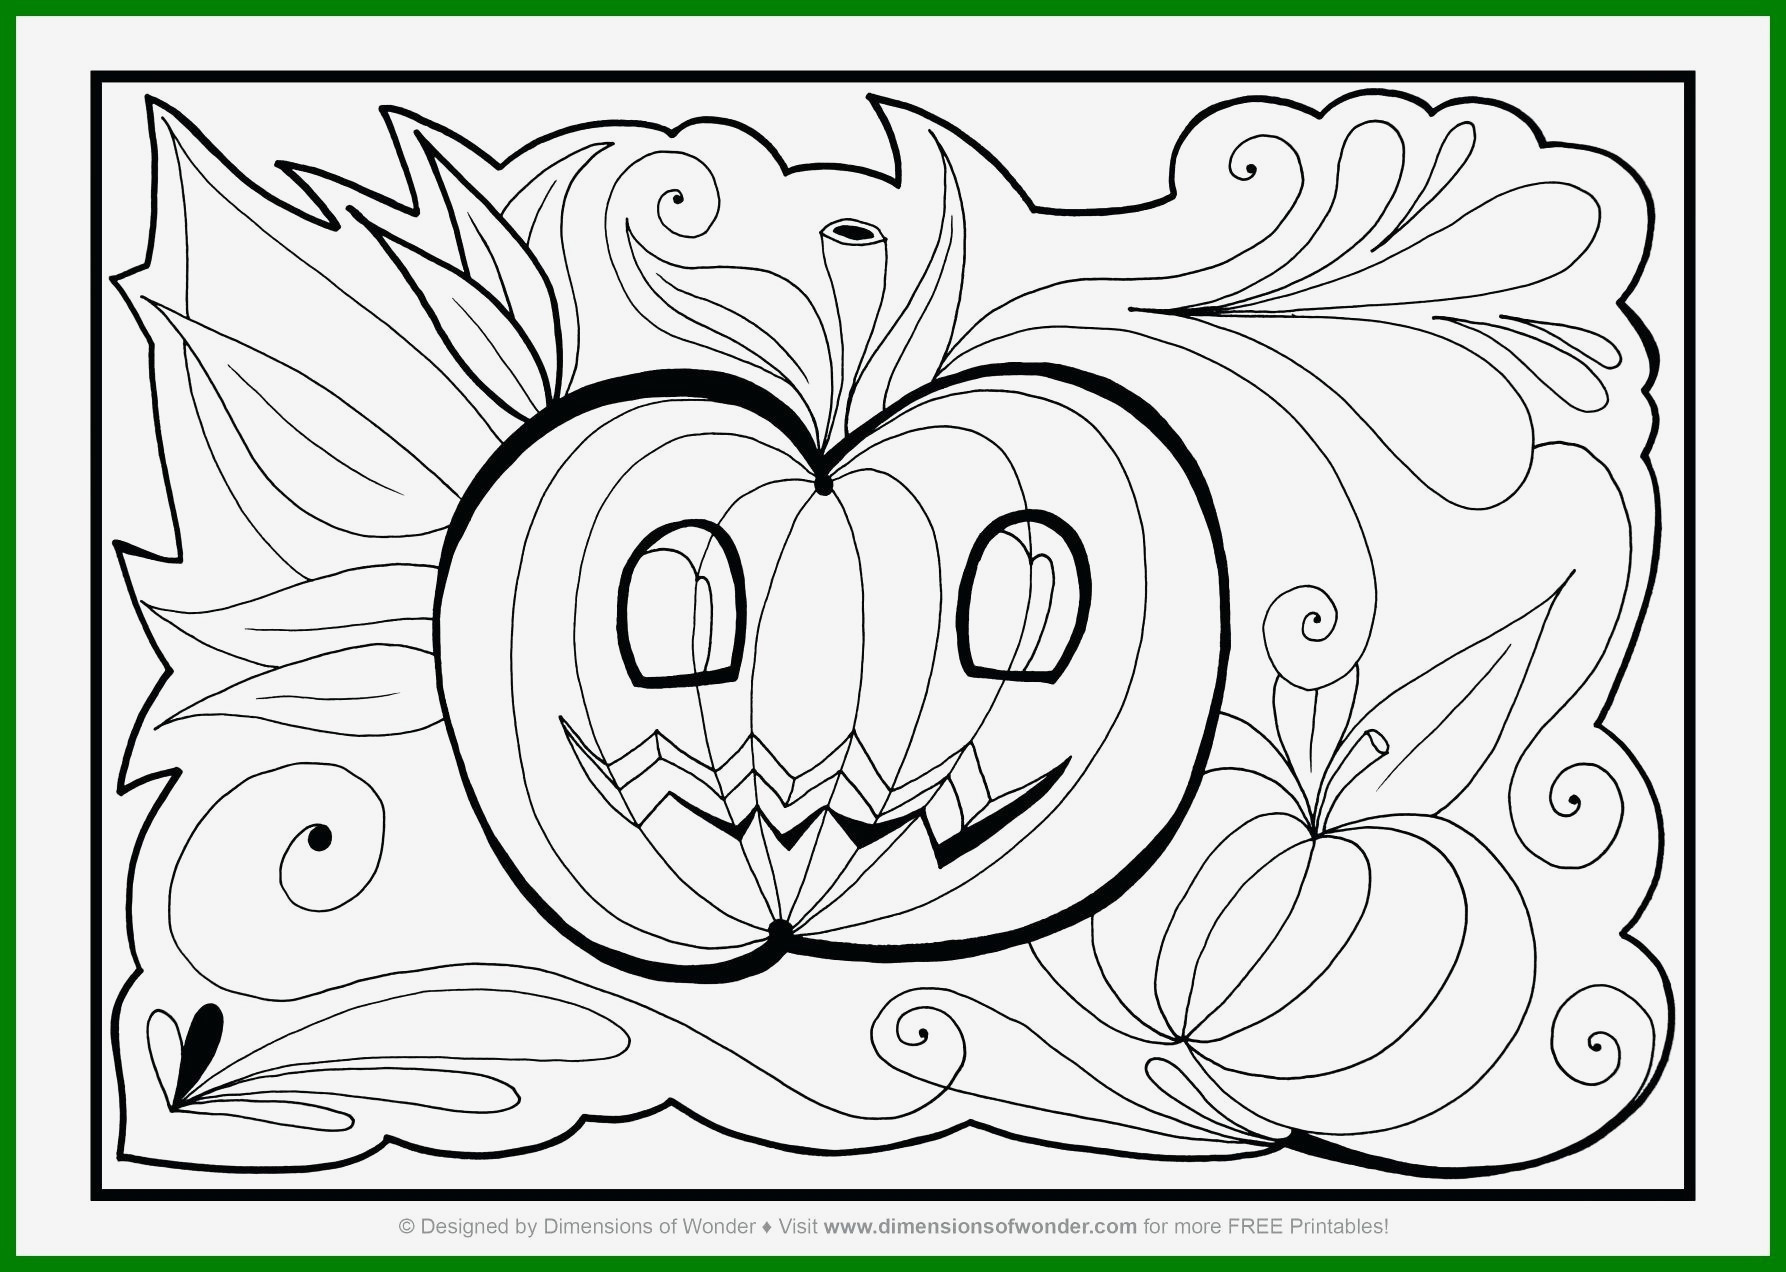 Ladybug Maske Zum Ausdrucken Genial Malvorlagen Lokomotive Kostenlos Beispielbilder Färben Ausmalbilder Stock